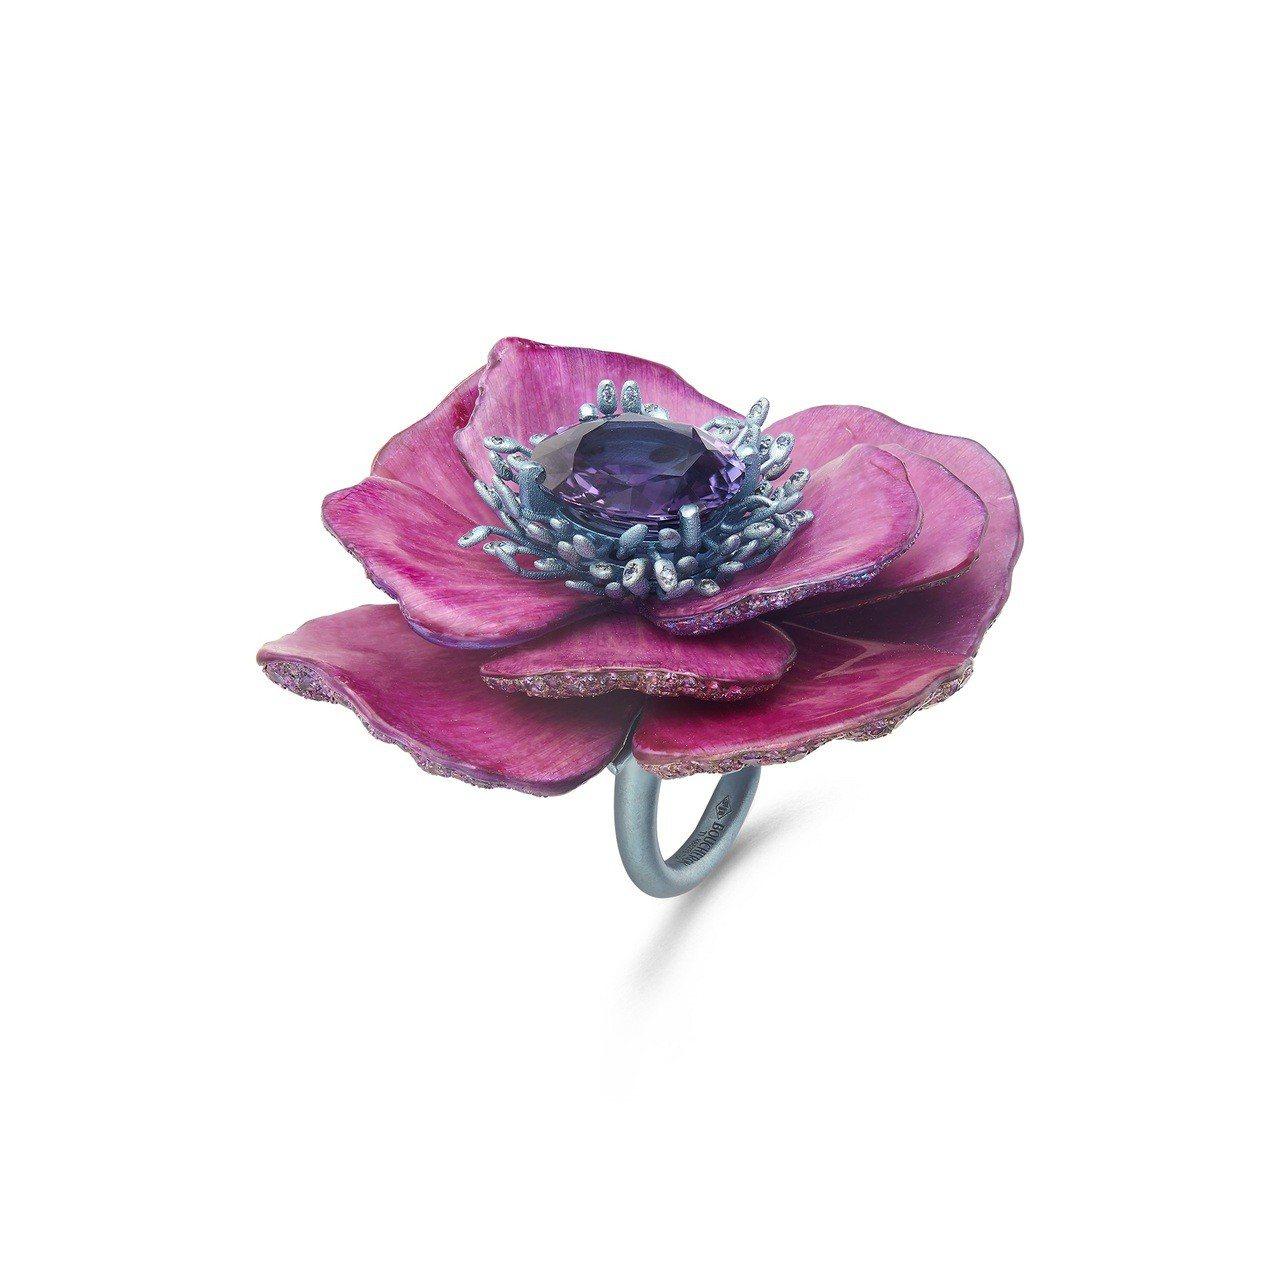 永恆之花牡丹花戒指,鈦金屬鑲嵌7.29克拉馬達加斯加紫色剛玉、藍色與粉紅色剛玉,...